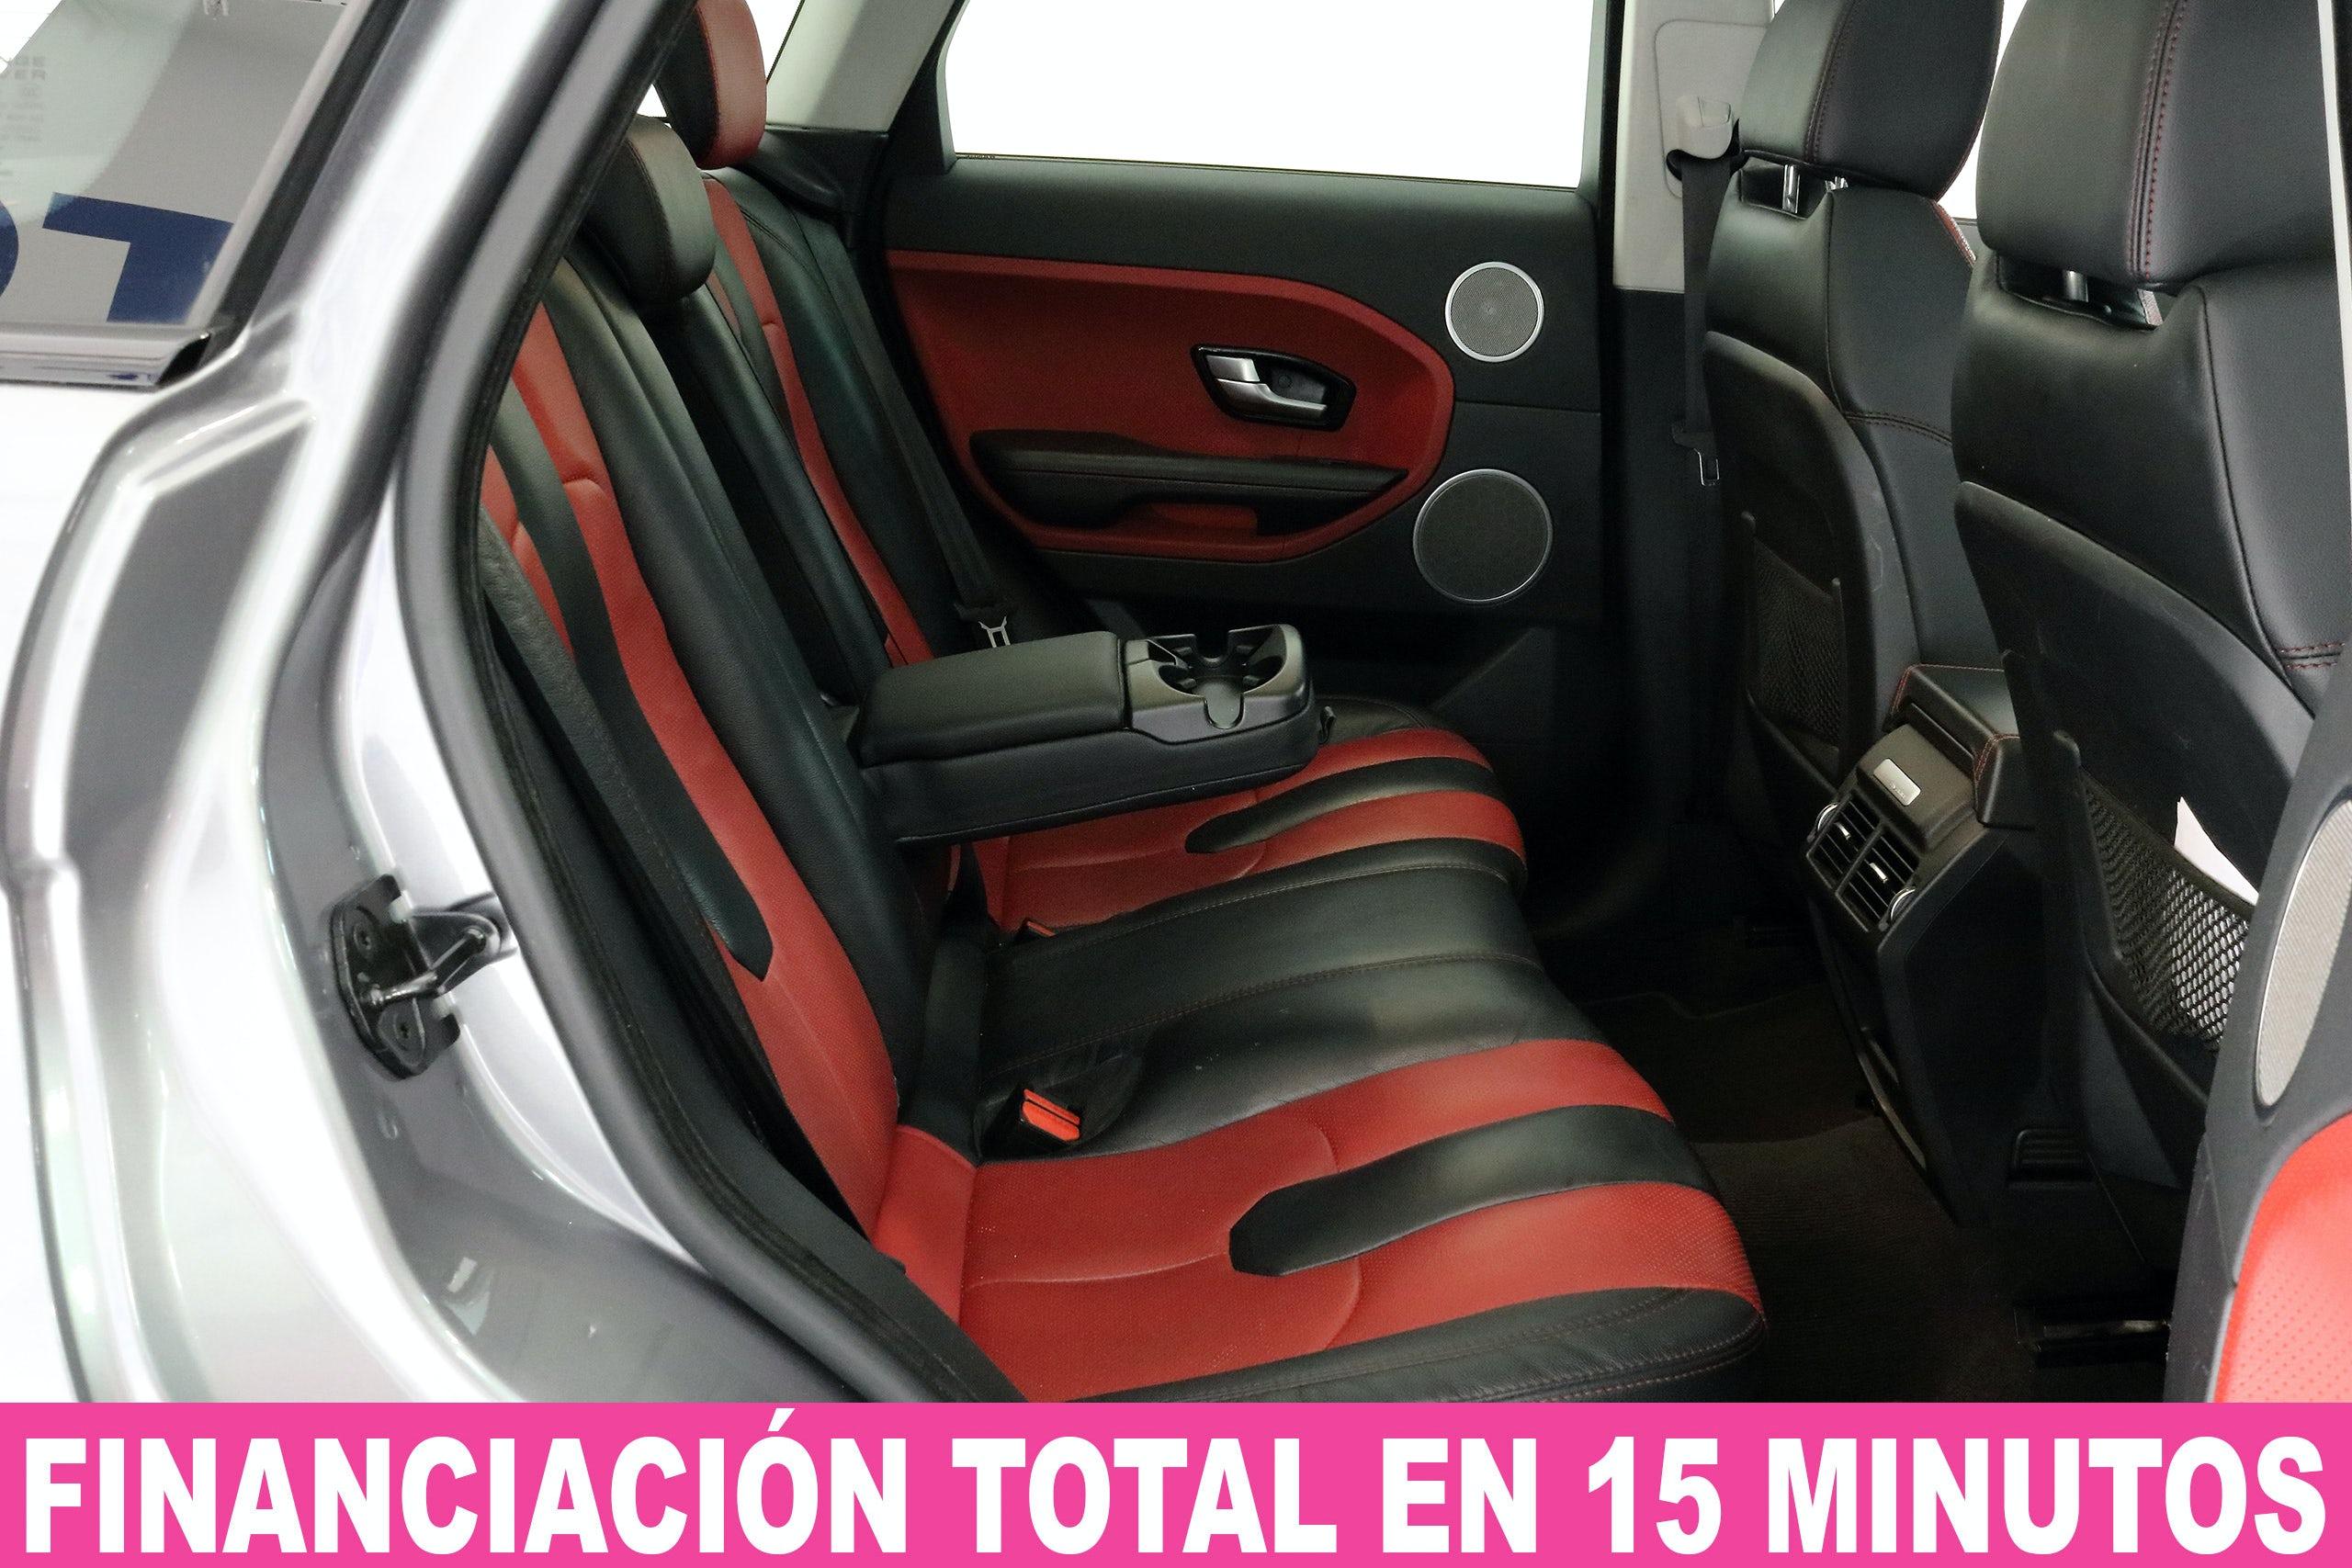 Land Rover Range Rover Evoque EVOQUE 2.2 L PRESTIGE AUTO 150CV 4X4 5P - Foto 31